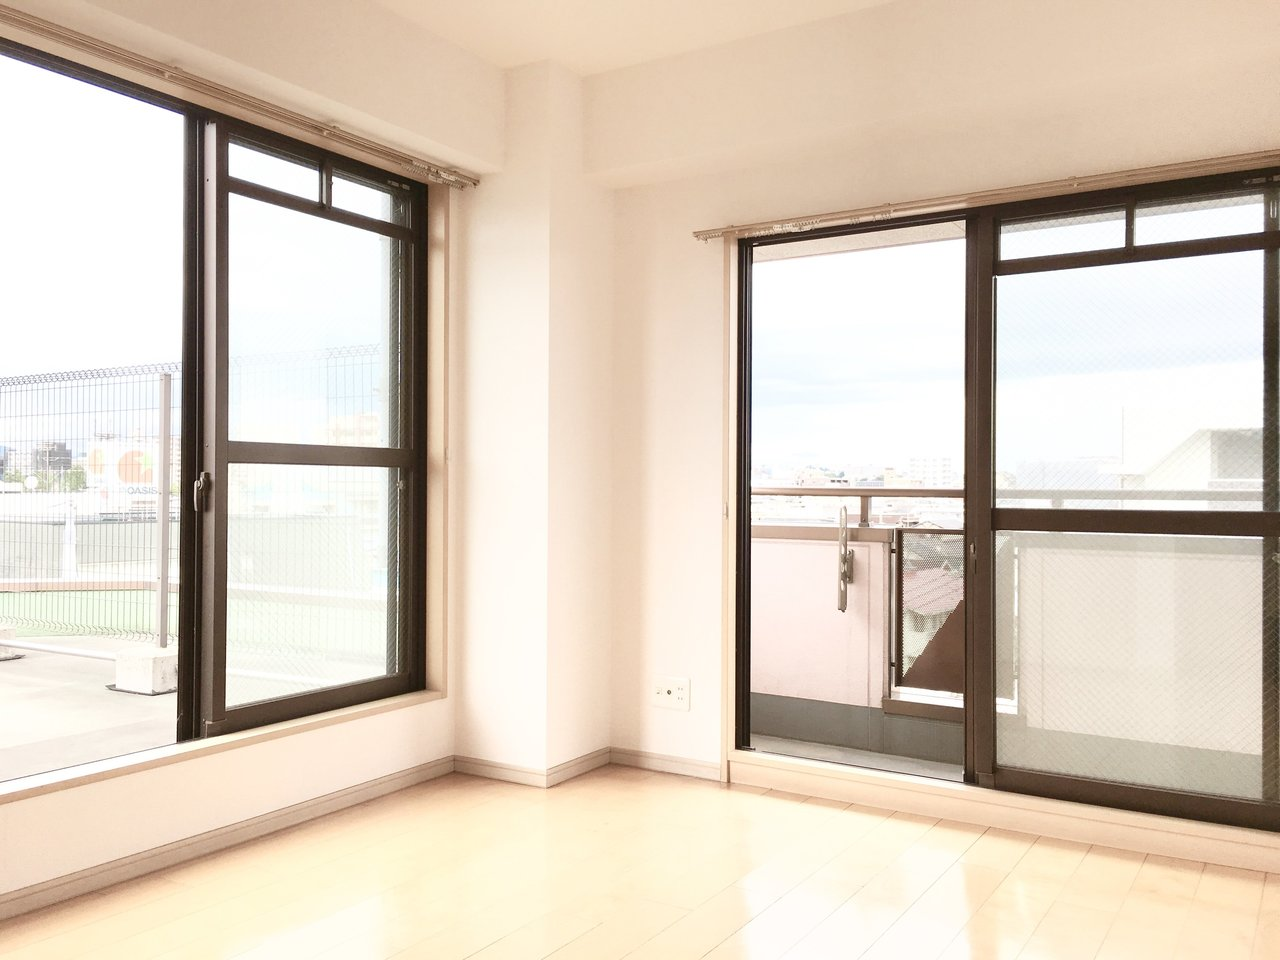 寝室側も2面採光で大きな窓が。明るい光で目覚めることができそうですね。